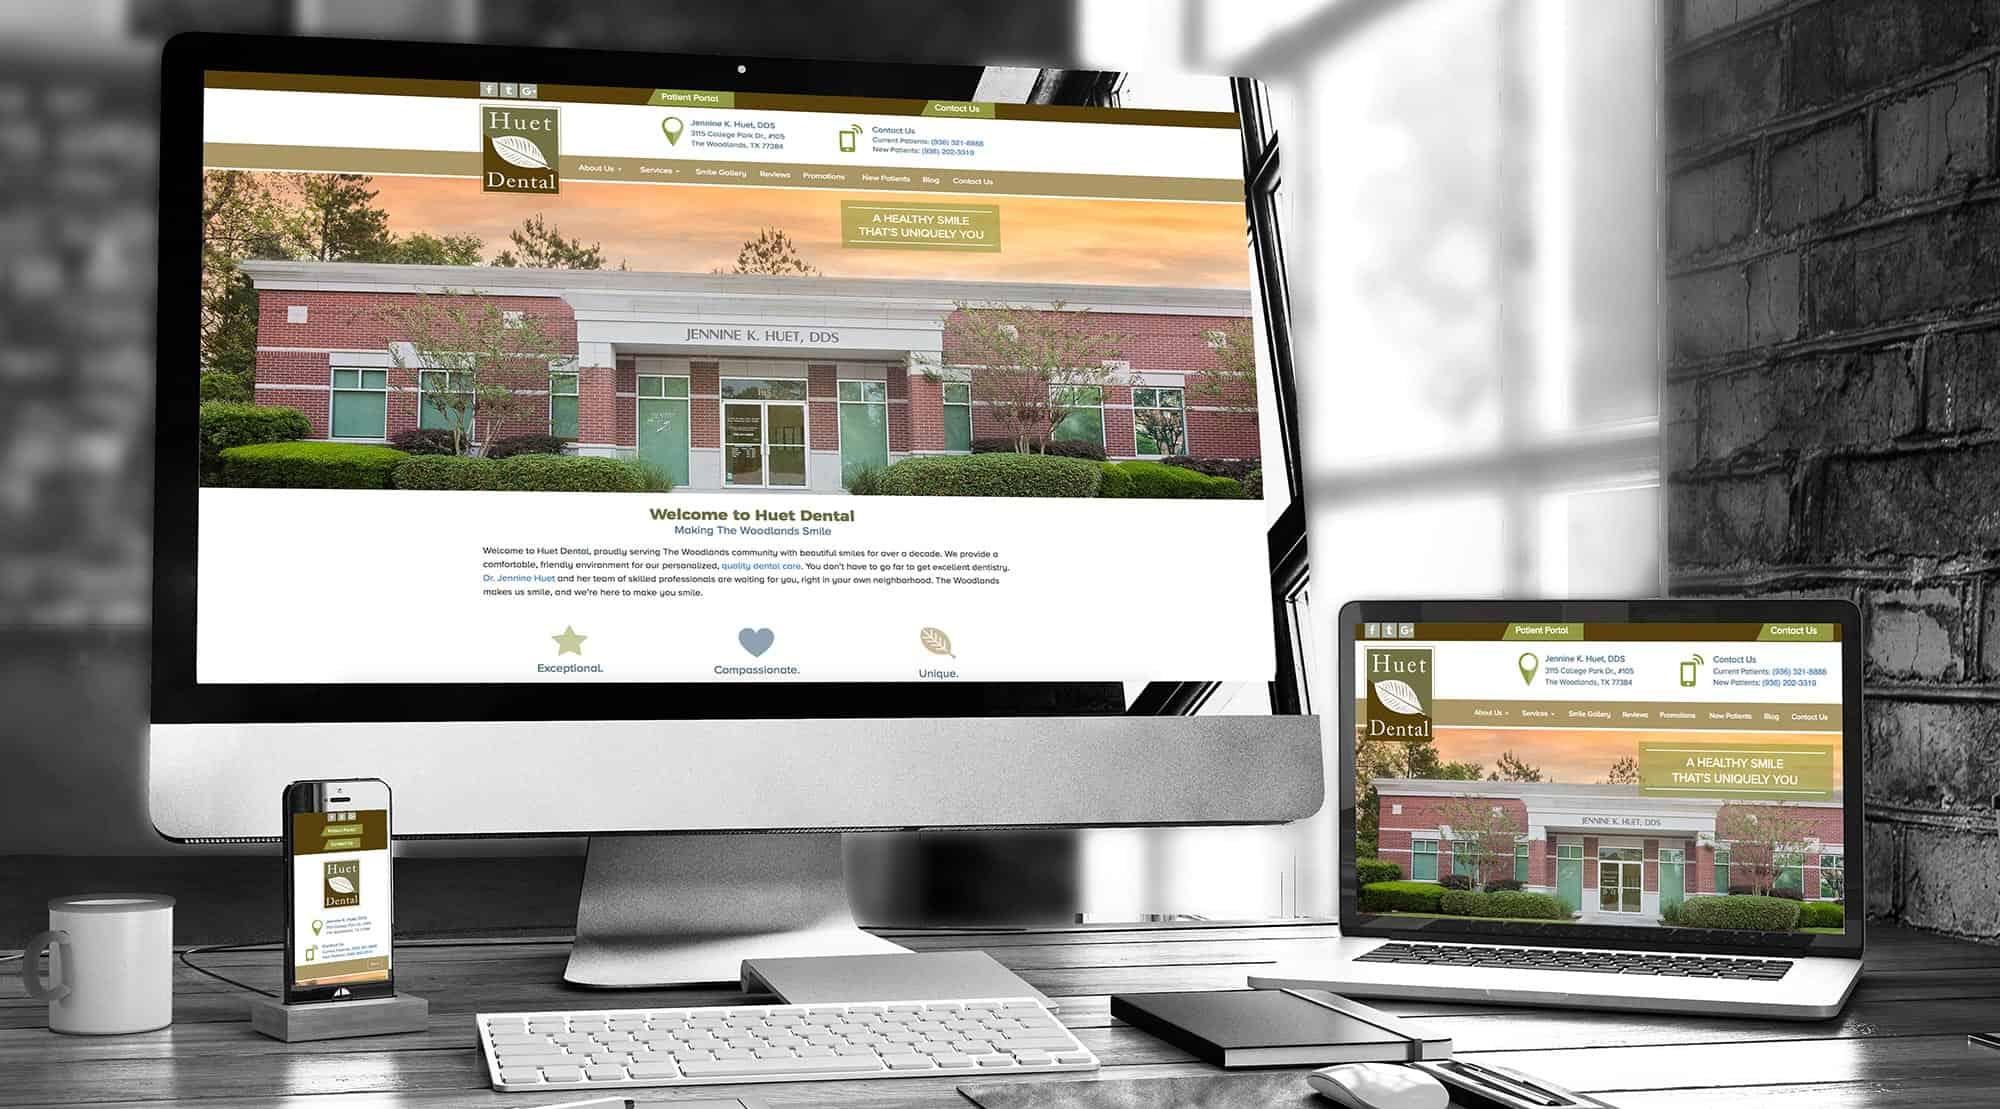 dental website example huet dental